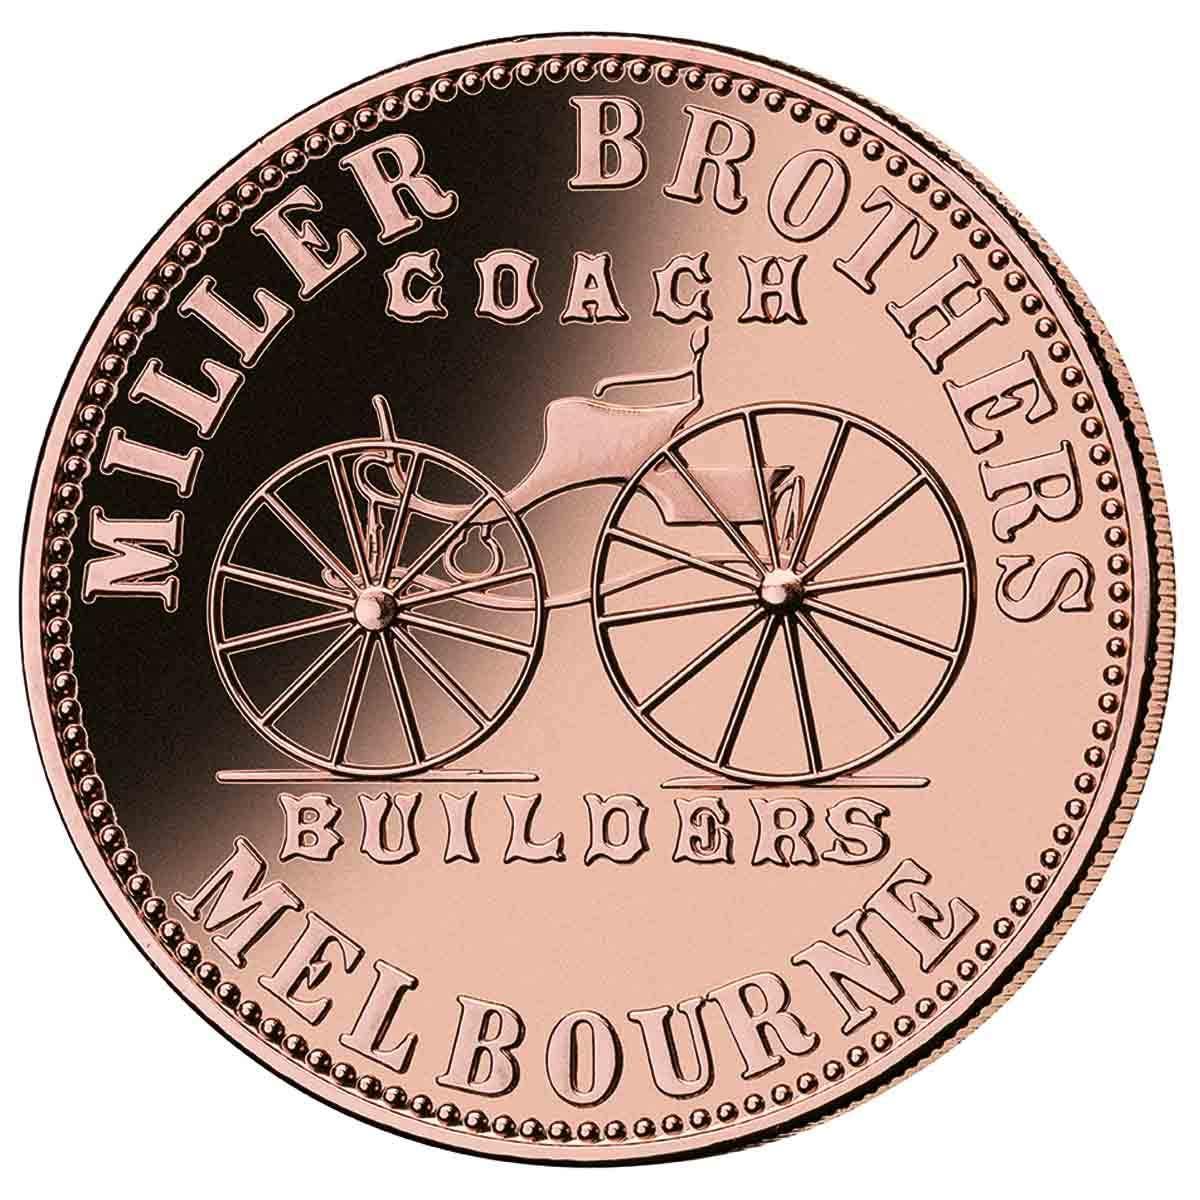 1862 Miller Brothers Token